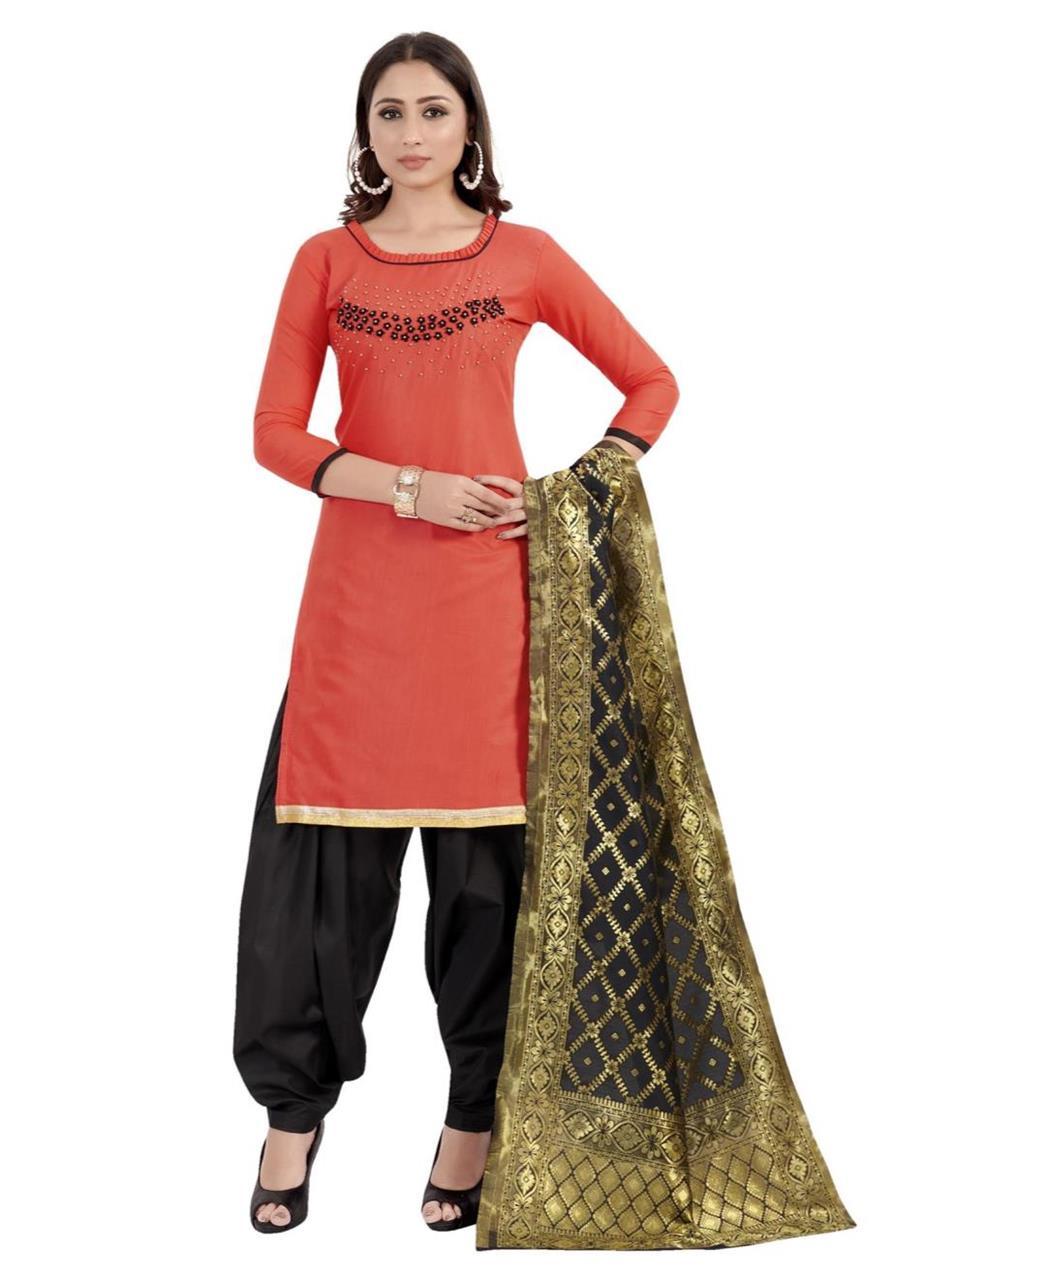 HandWorked Cotton Patiyala Suit Salwar in Peach